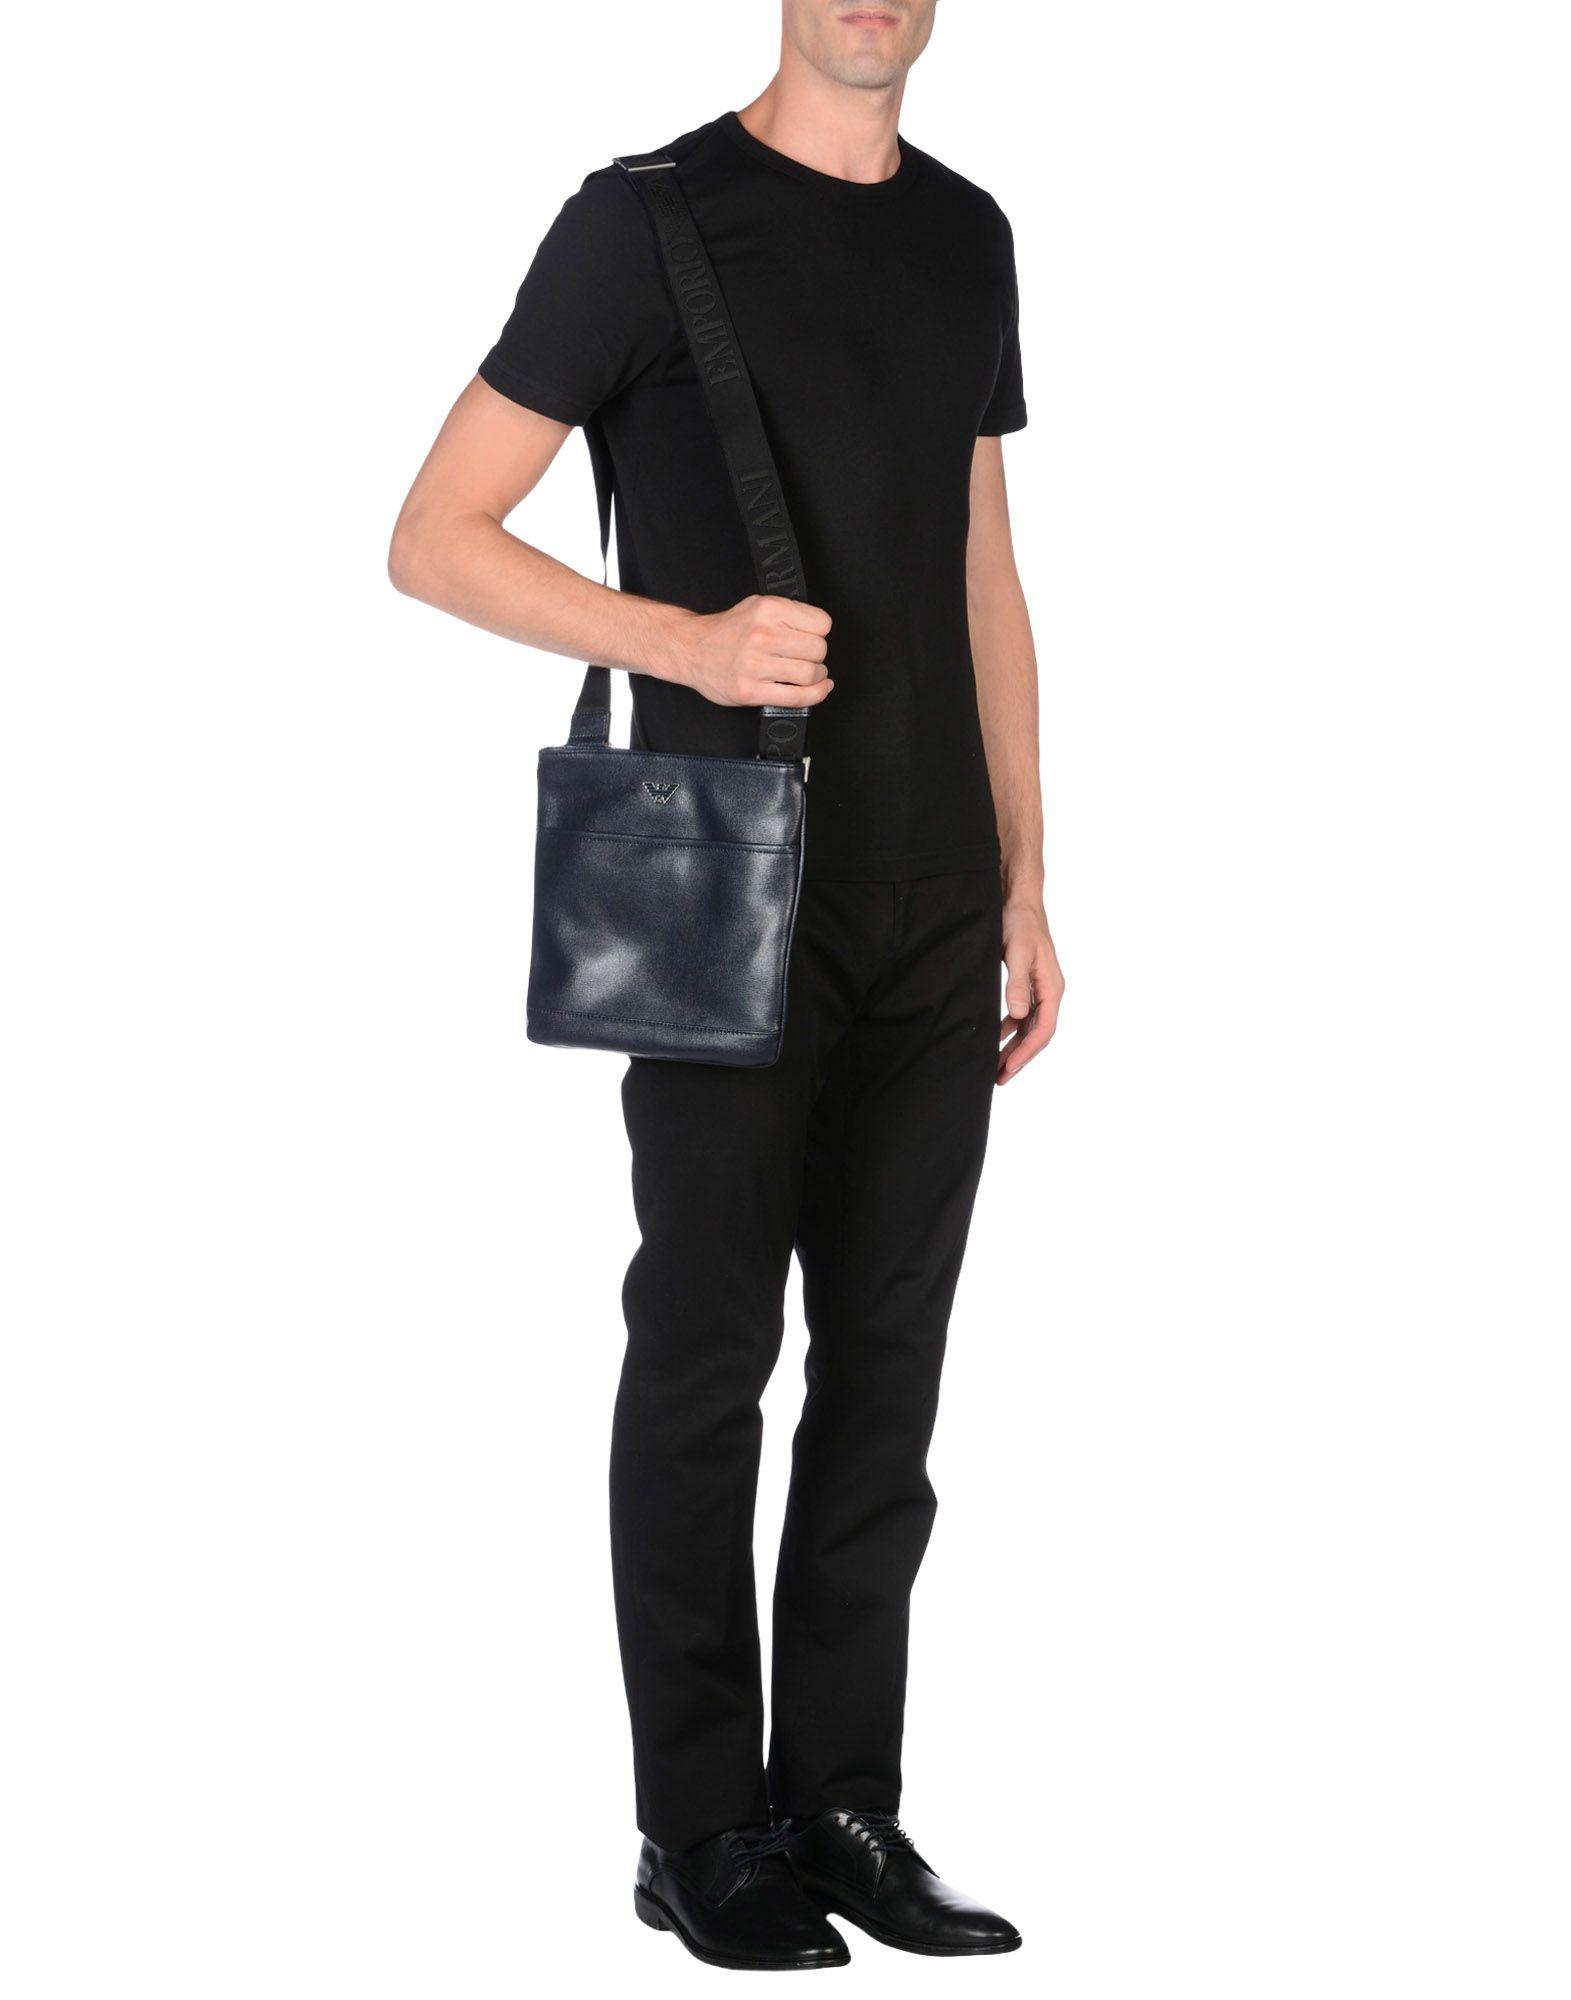 Lyst - Emporio Armani Leather Cross-Body Bag in Blue for Men 27d6a6048da73